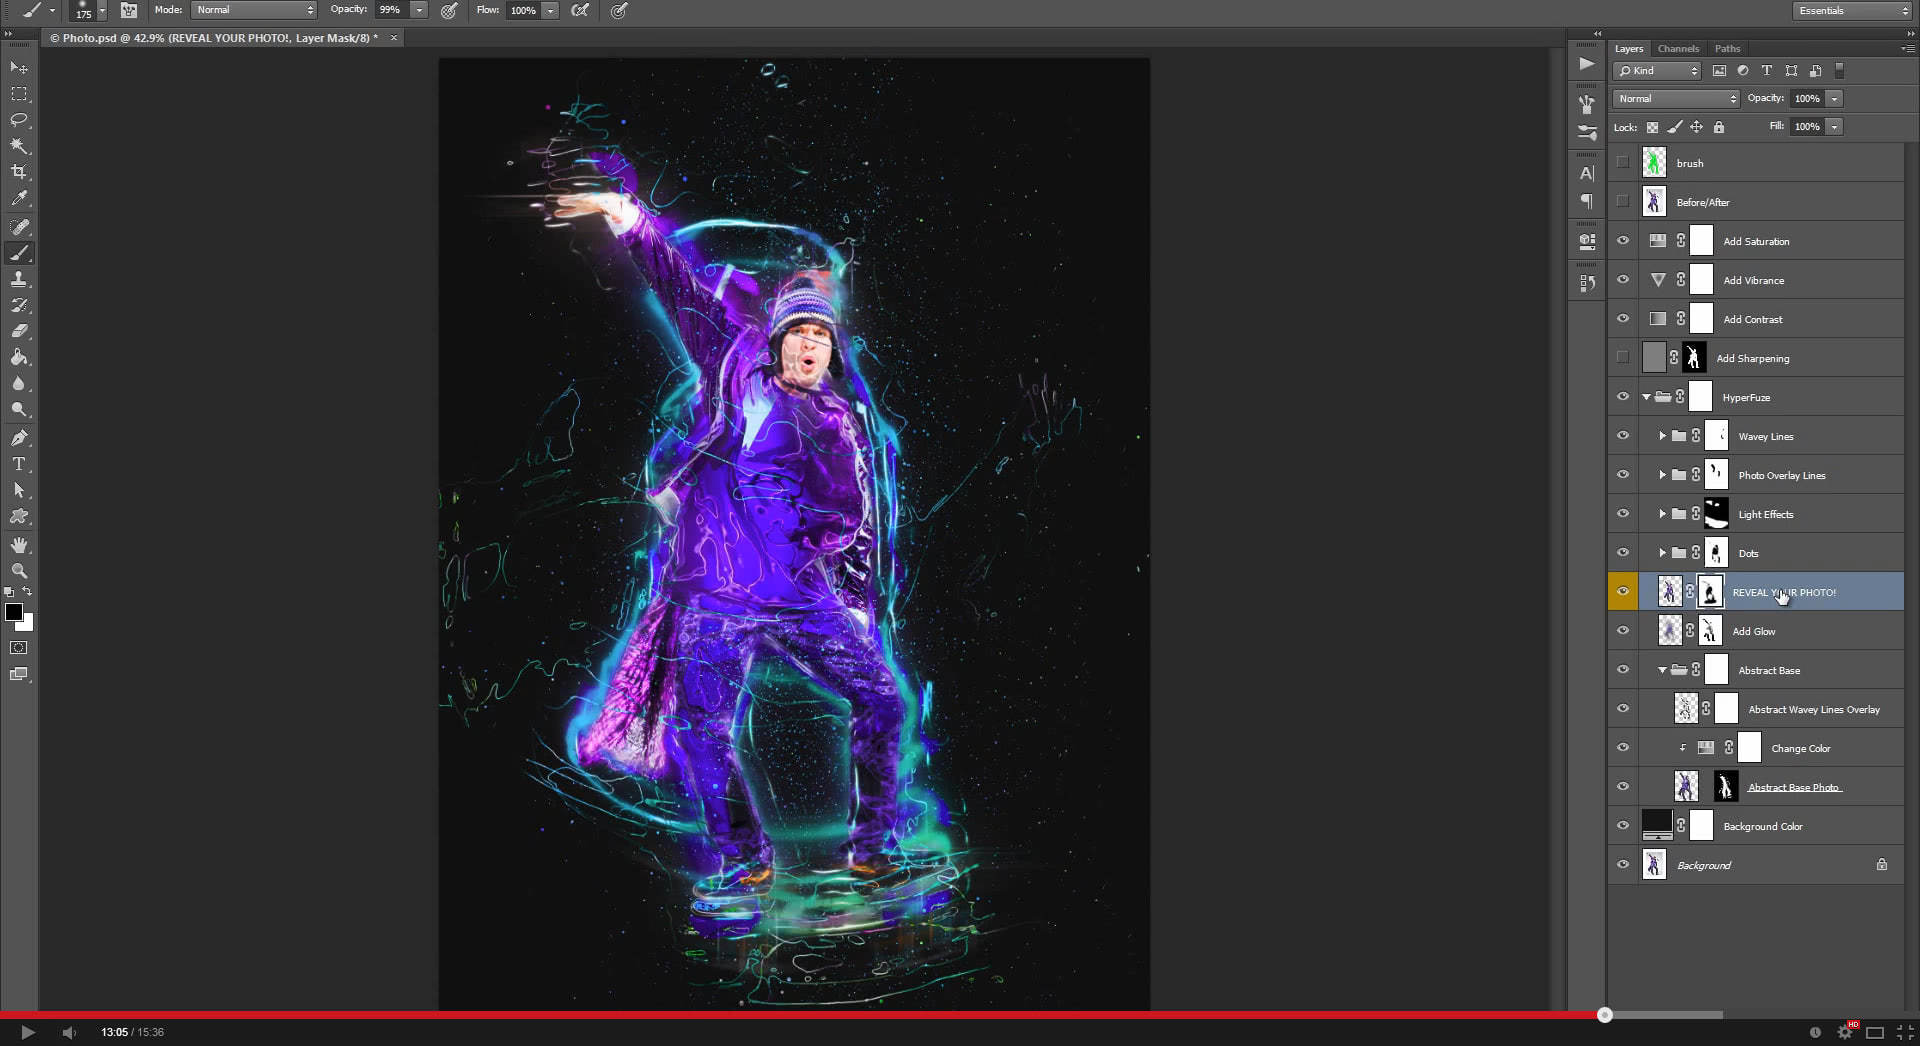 HyperFuze Photoshop Action - 1